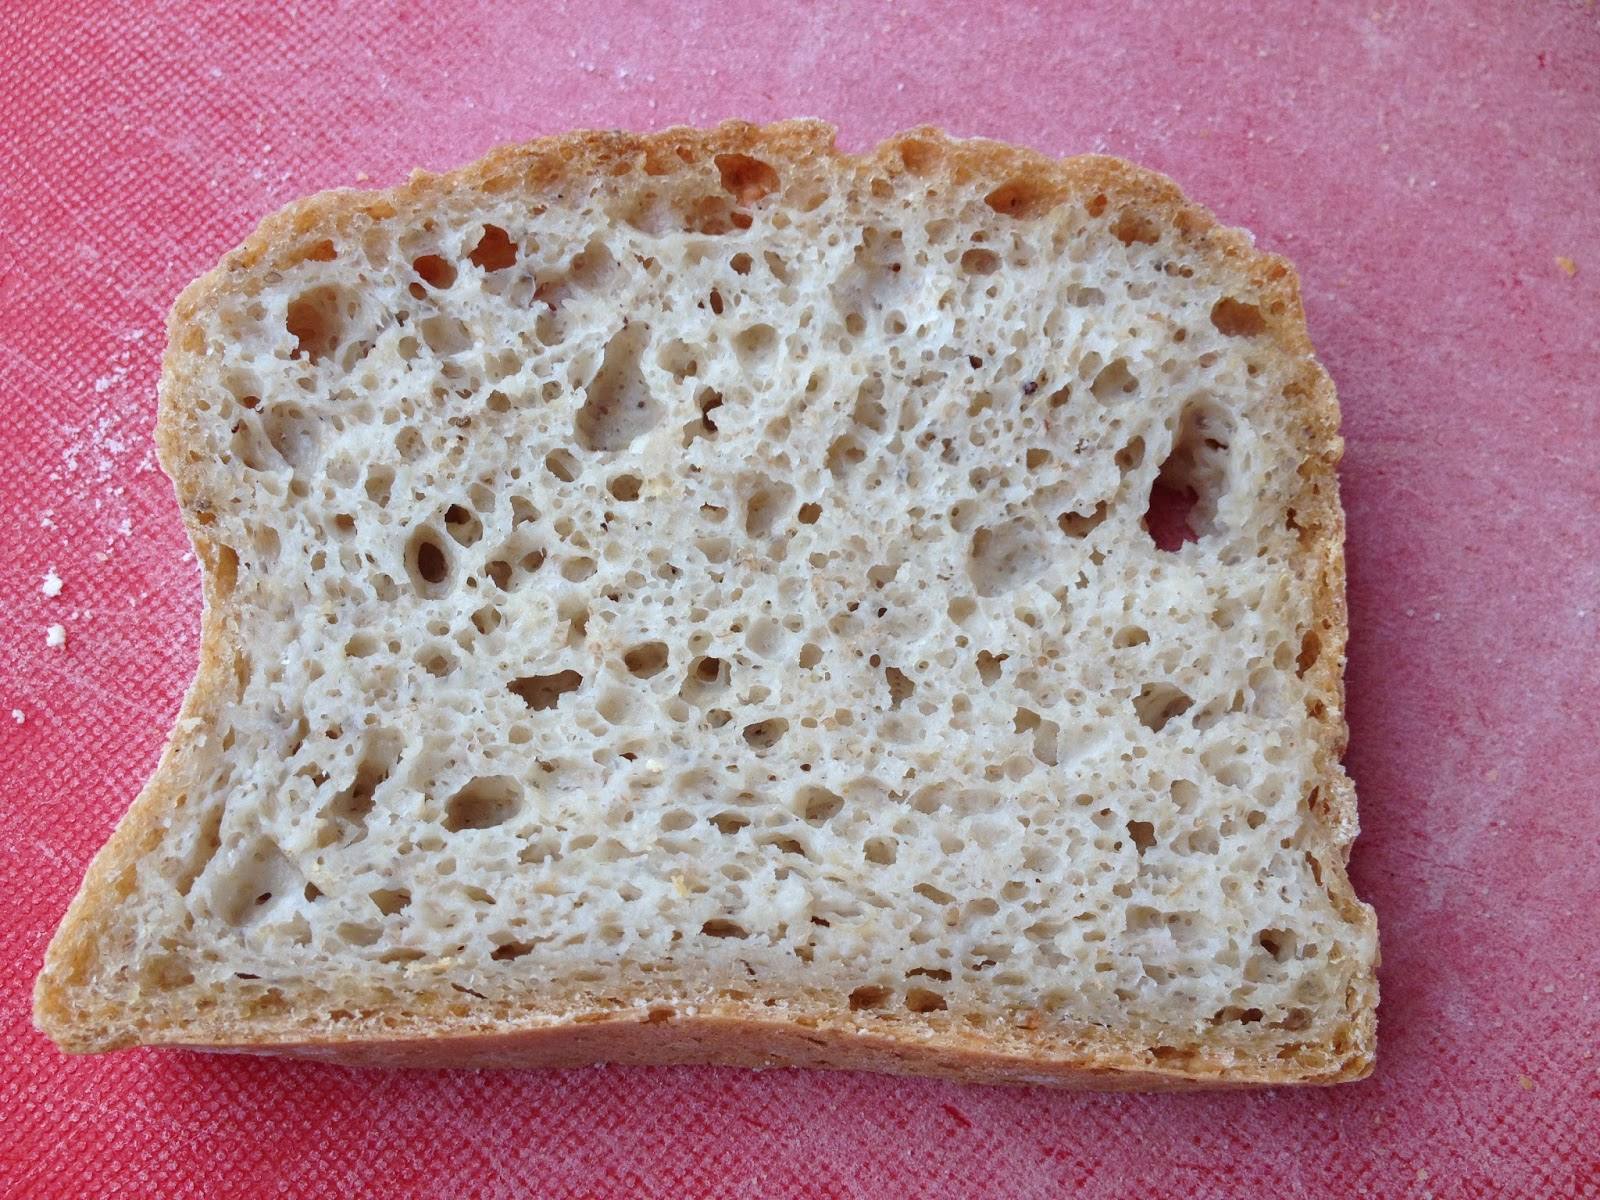 Pan de avena sin harina de trigo thermomix